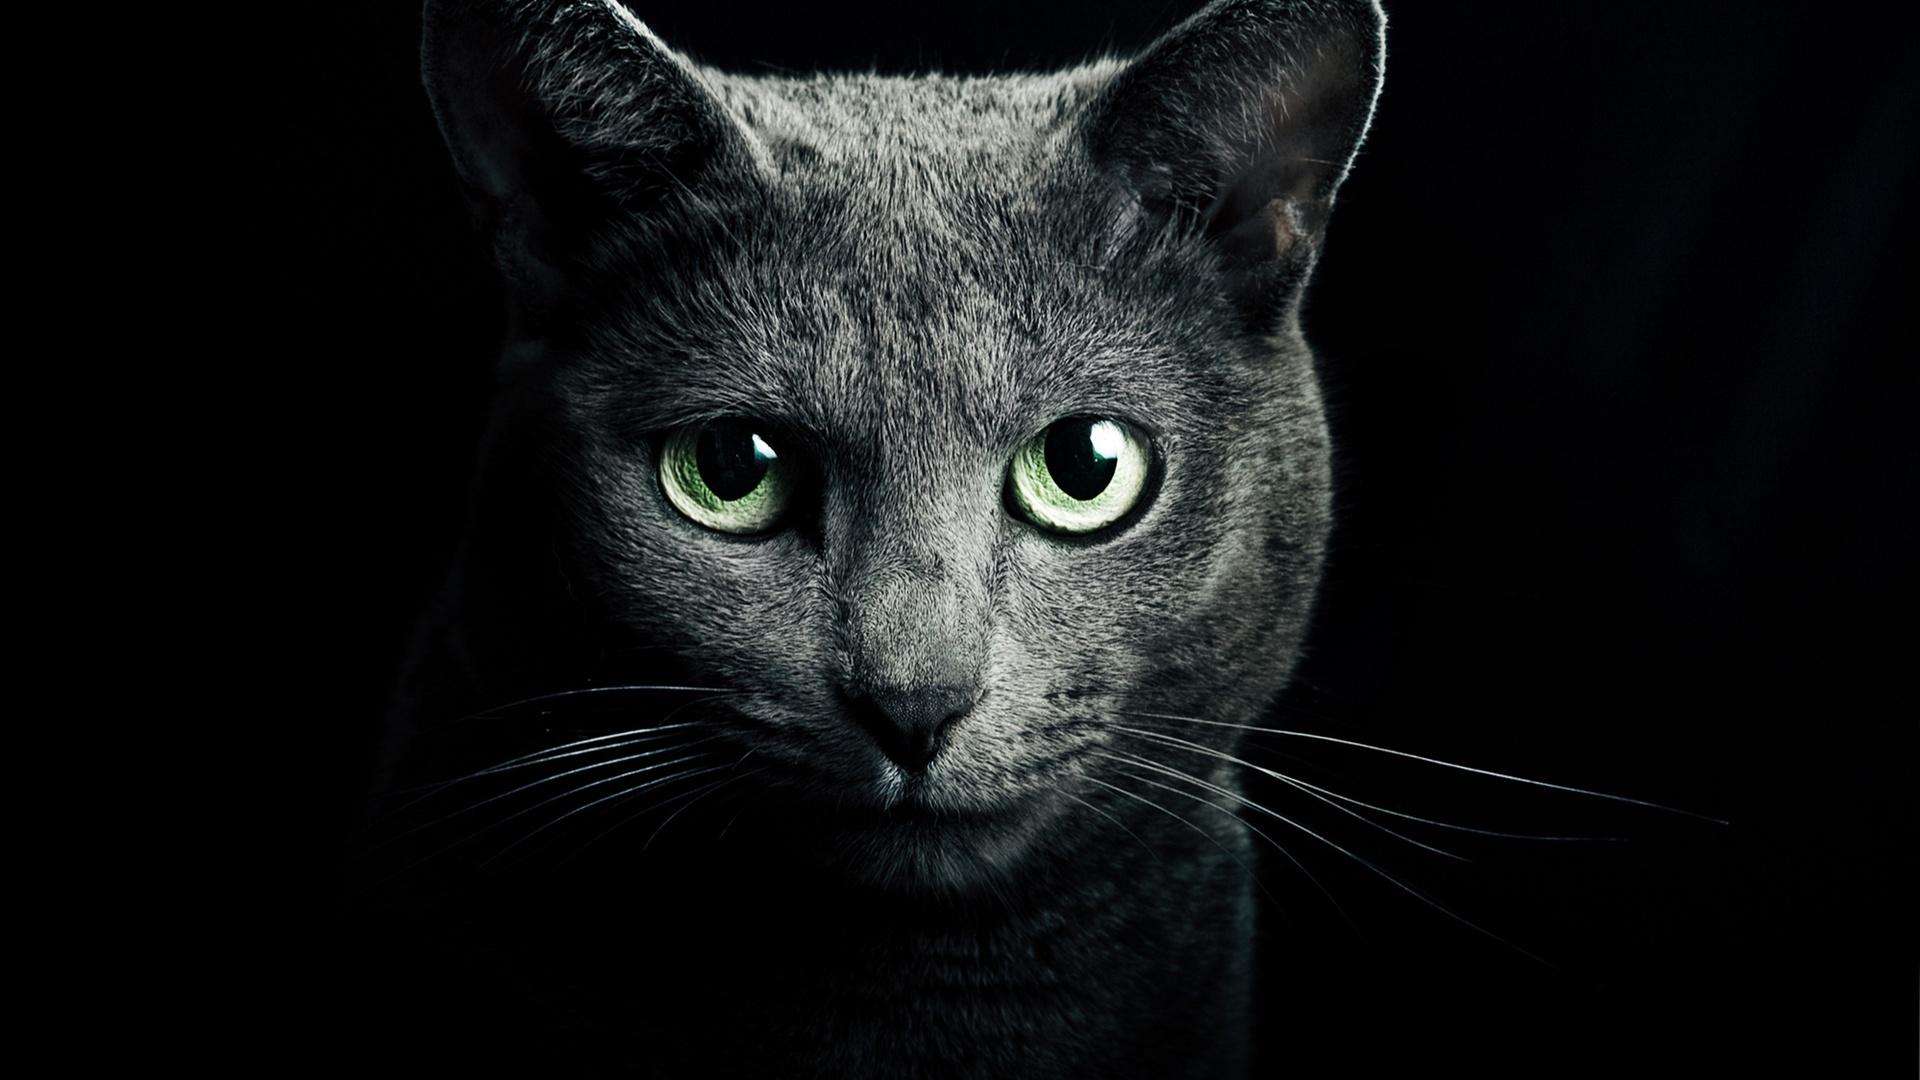 黒猫、緑、目、黒、背景 壁紙 - 1920x1080    1920x1080 壁紙ダウンロード